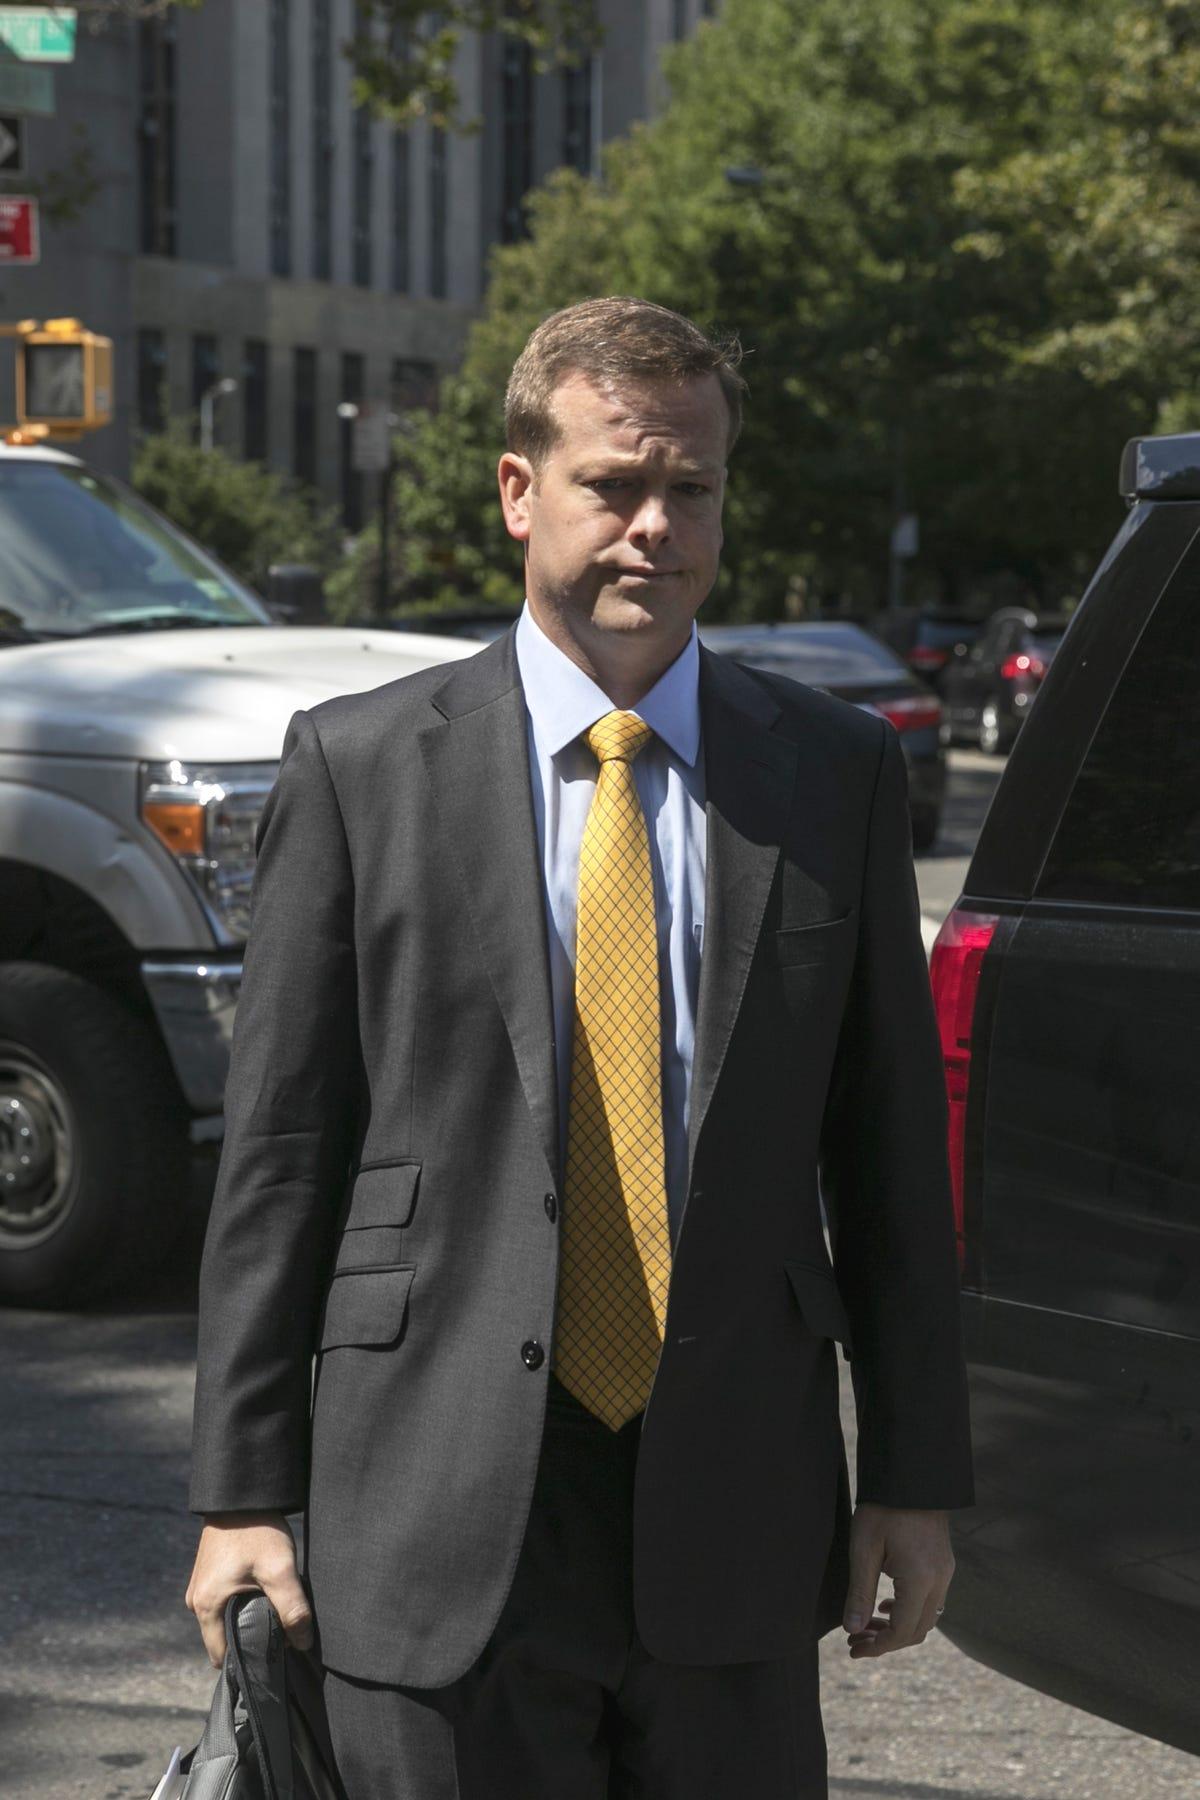 Wall Street fraud sentencing prompts tears and debate